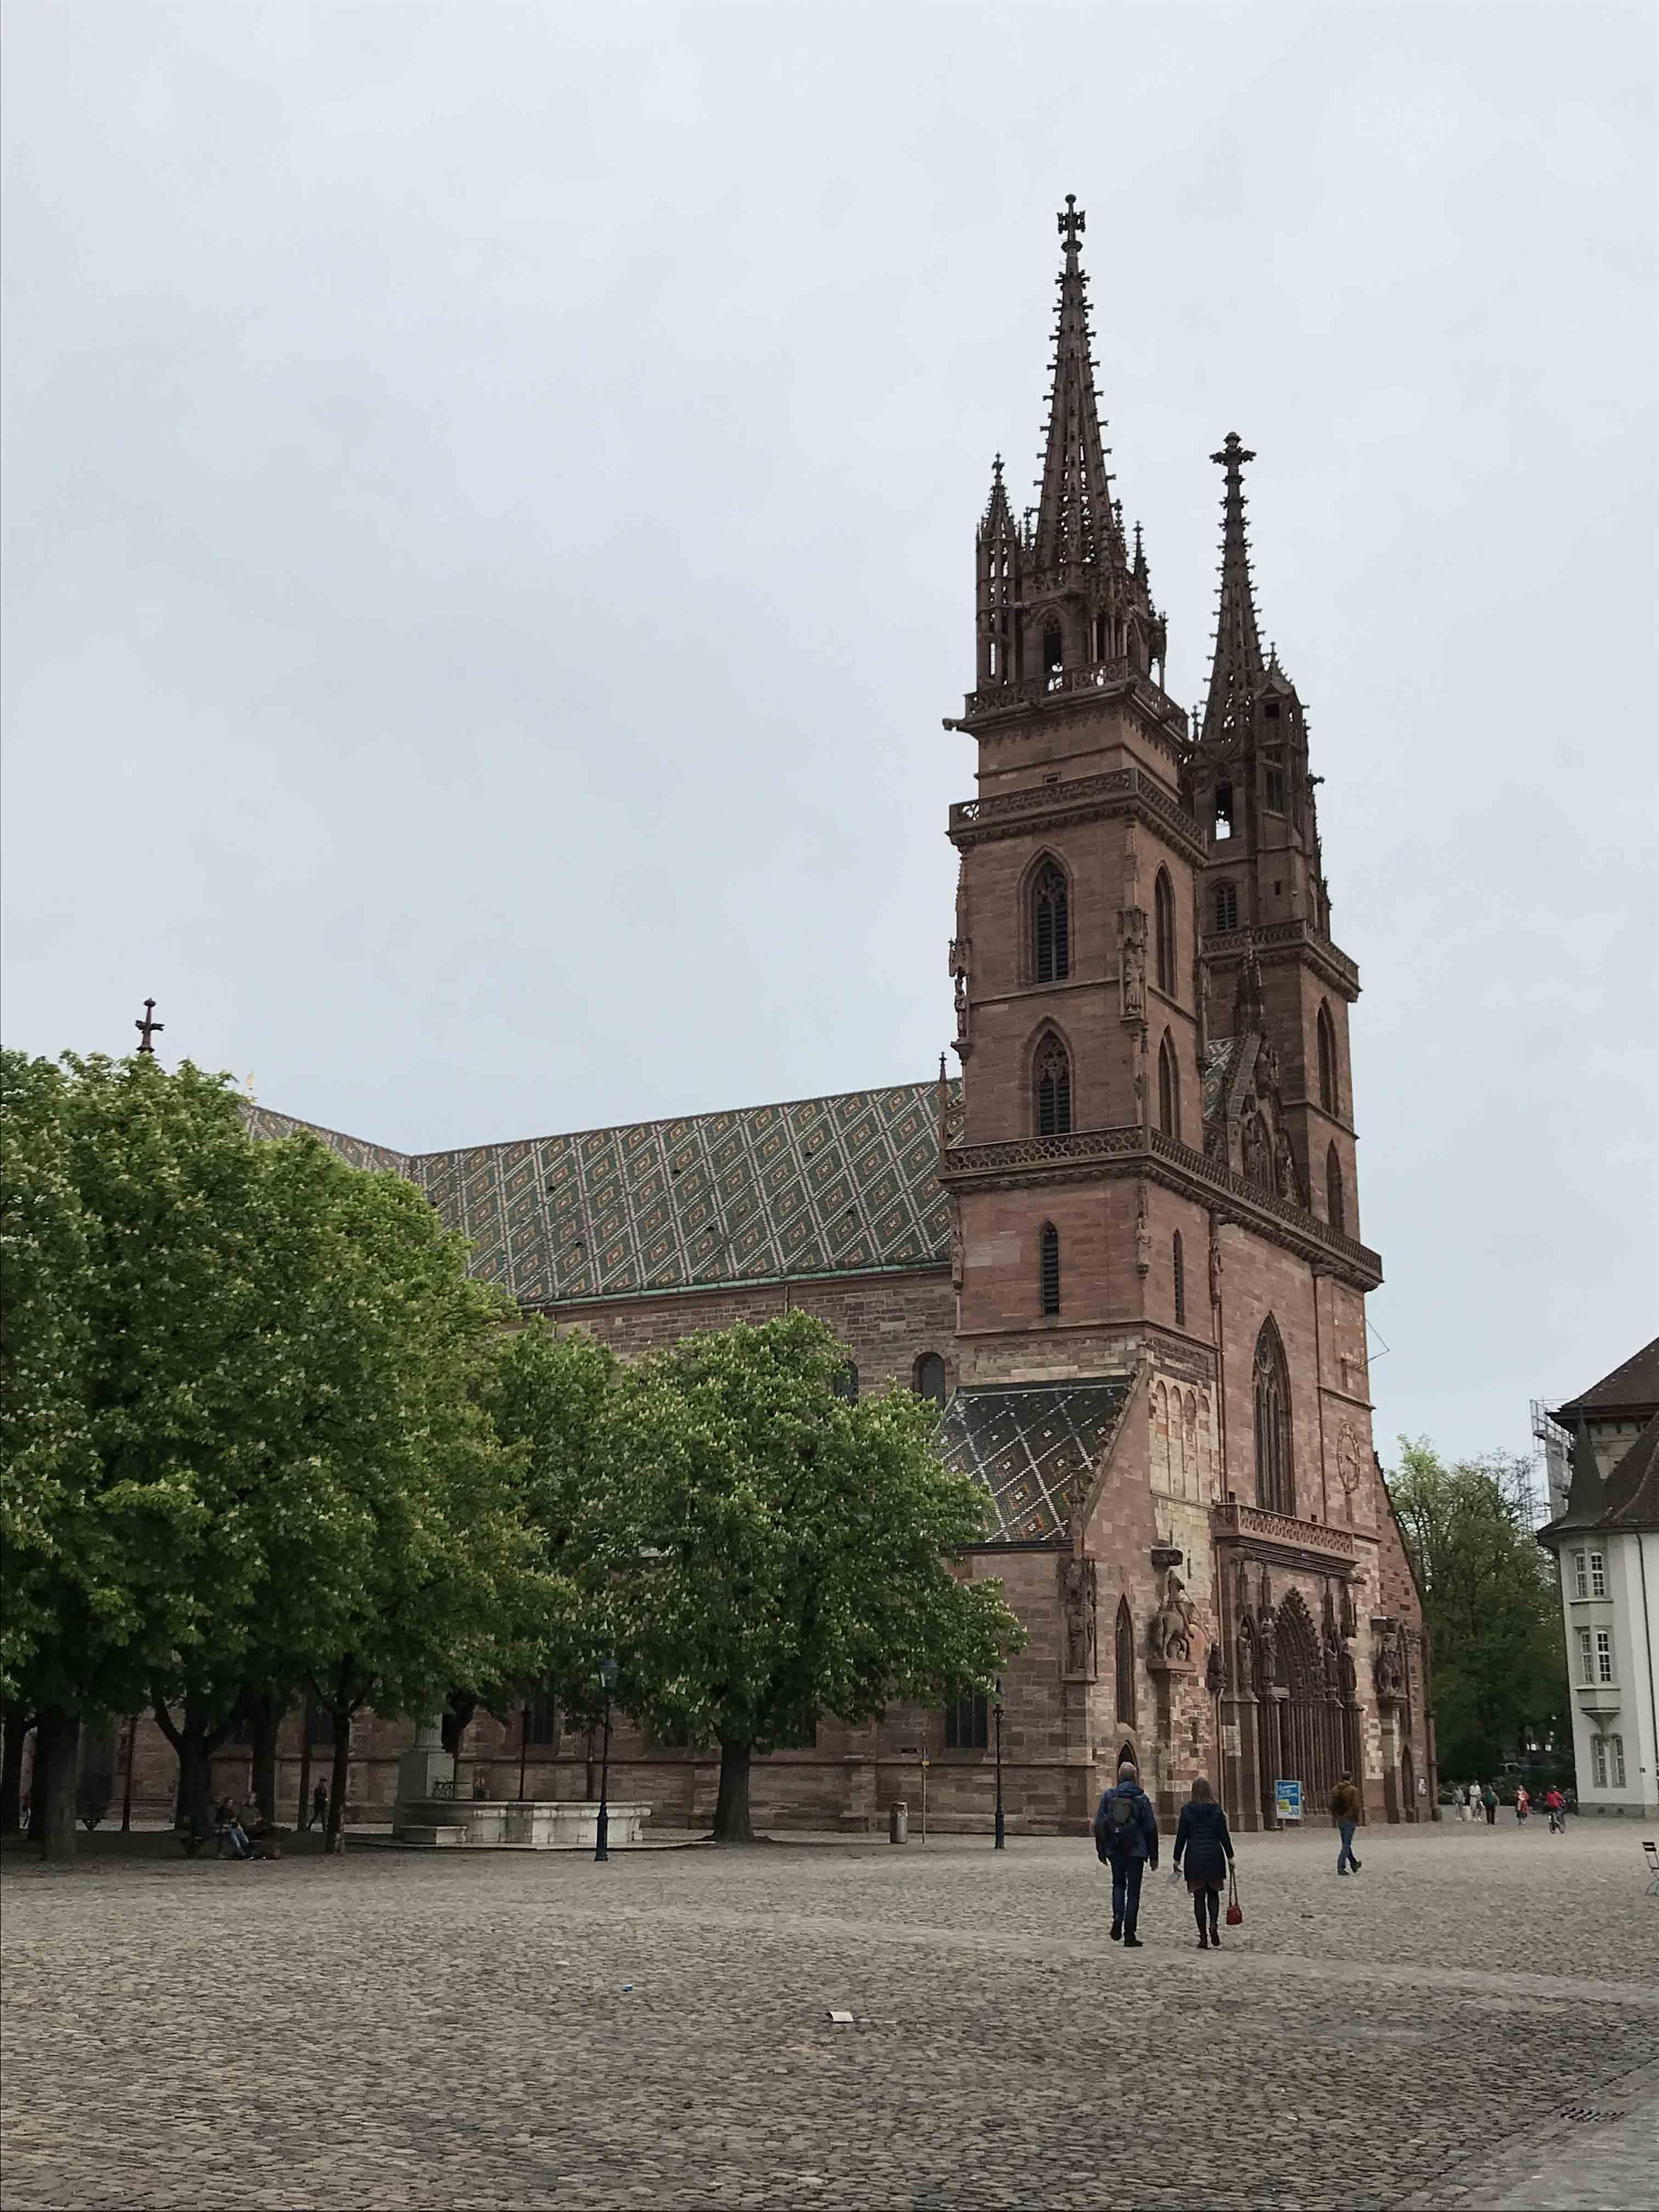 Basler Münster - Ines Rosenhain